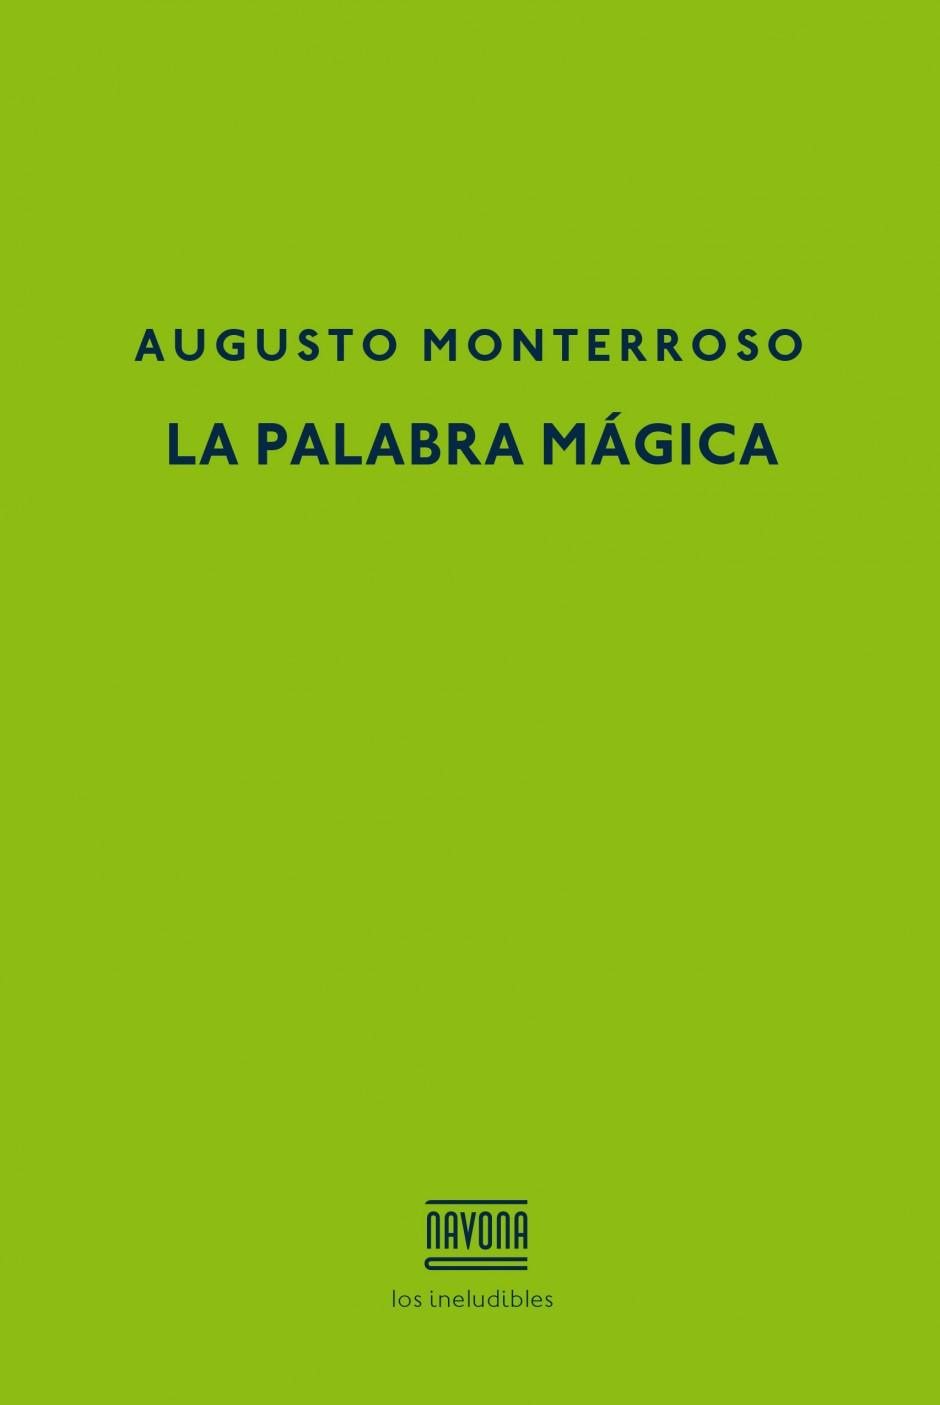 Augusto Monterroso: dolor y deseo de crear